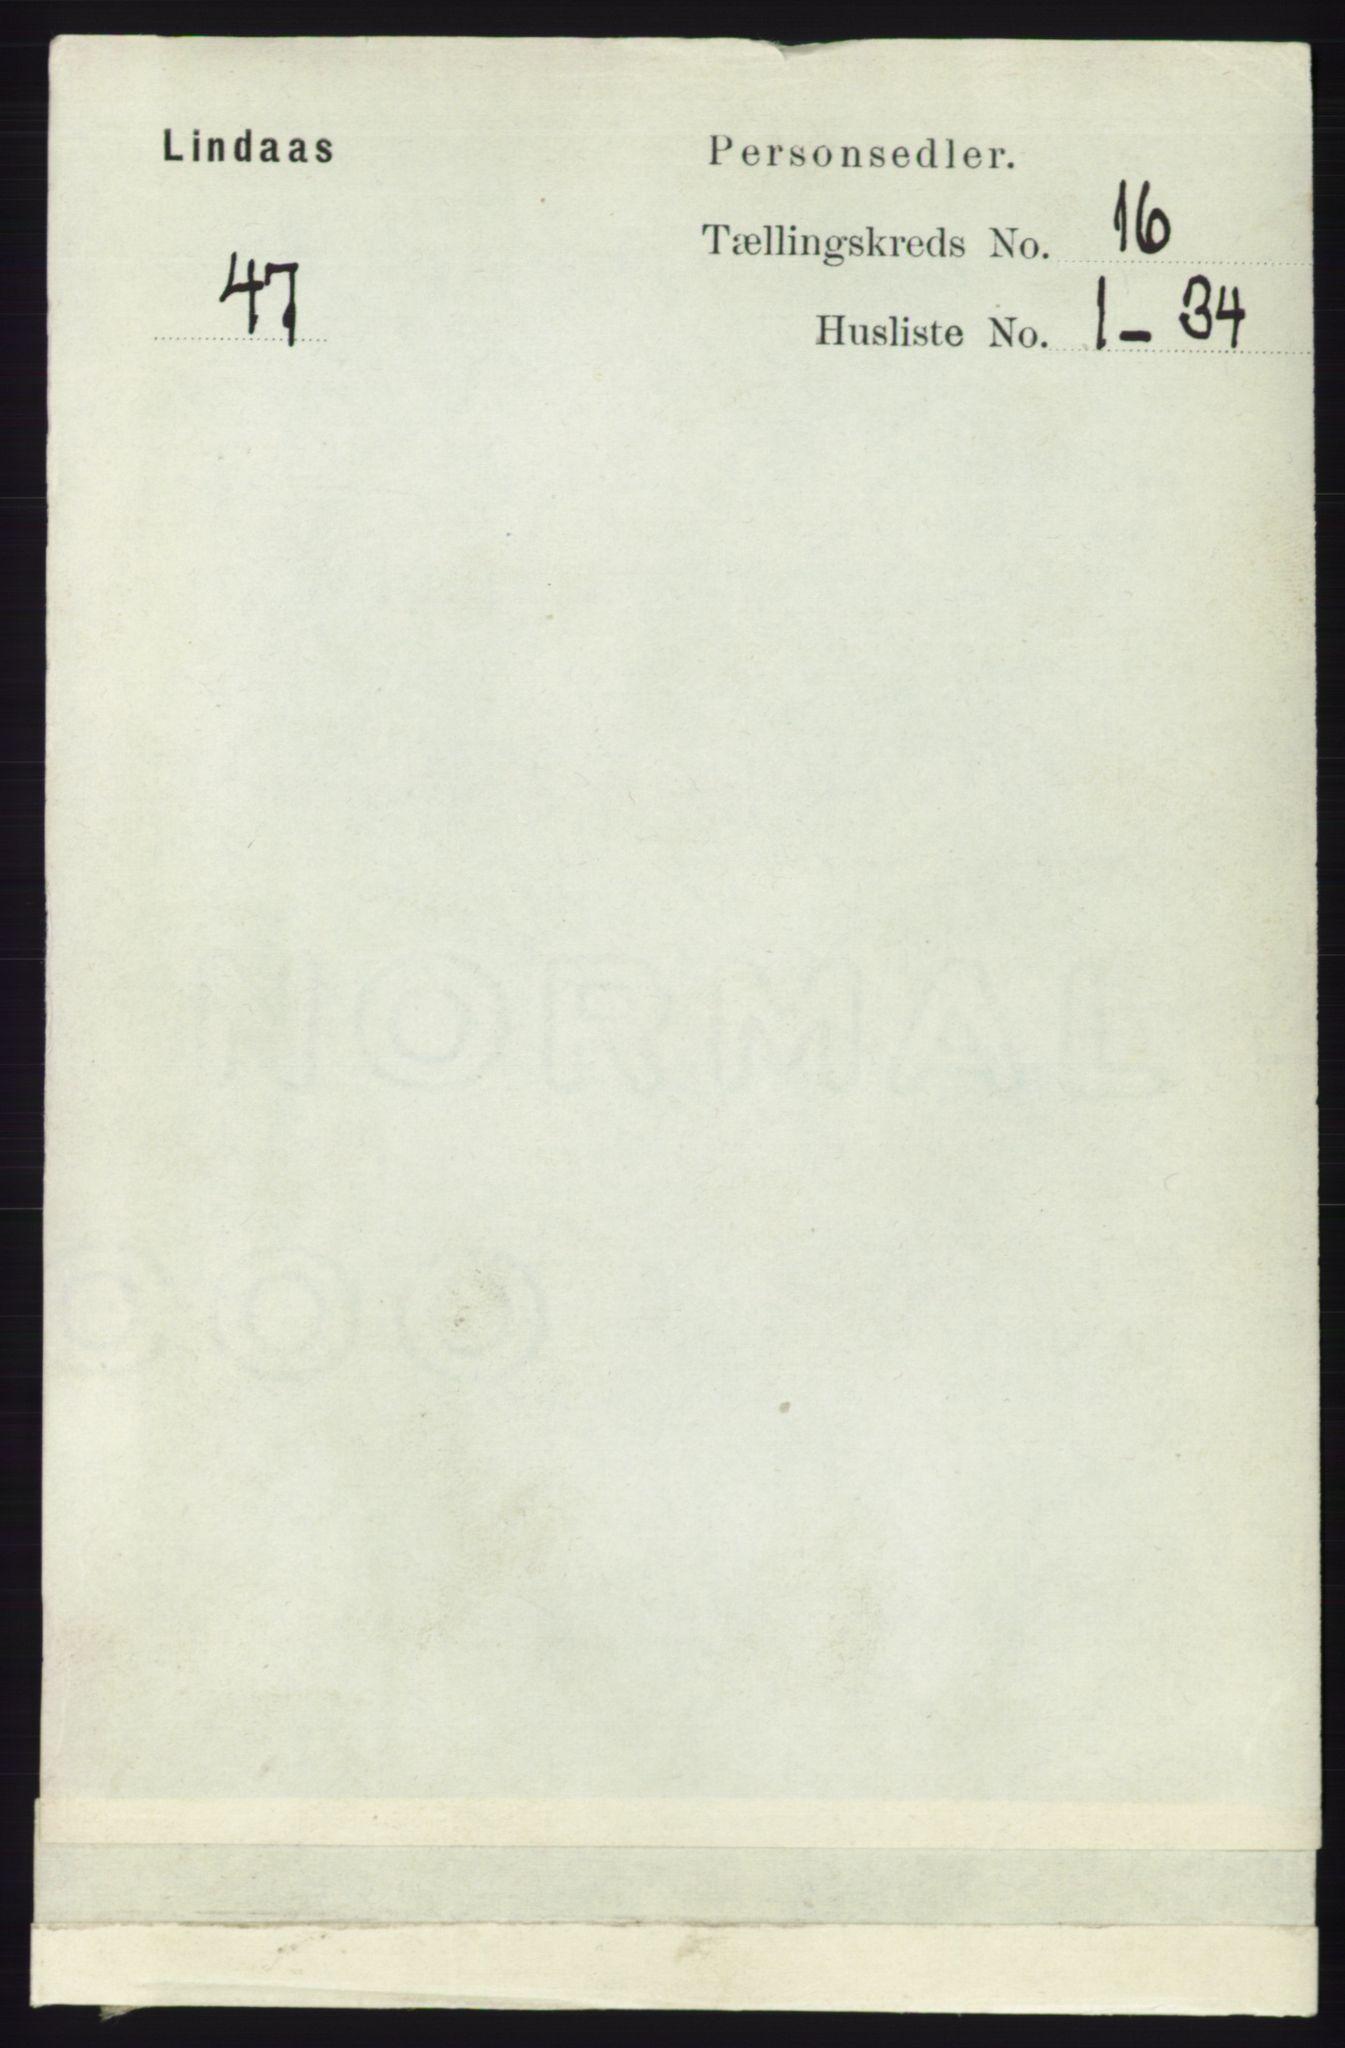 RA, Folketelling 1891 for 1263 Lindås herred, 1891, s. 5704